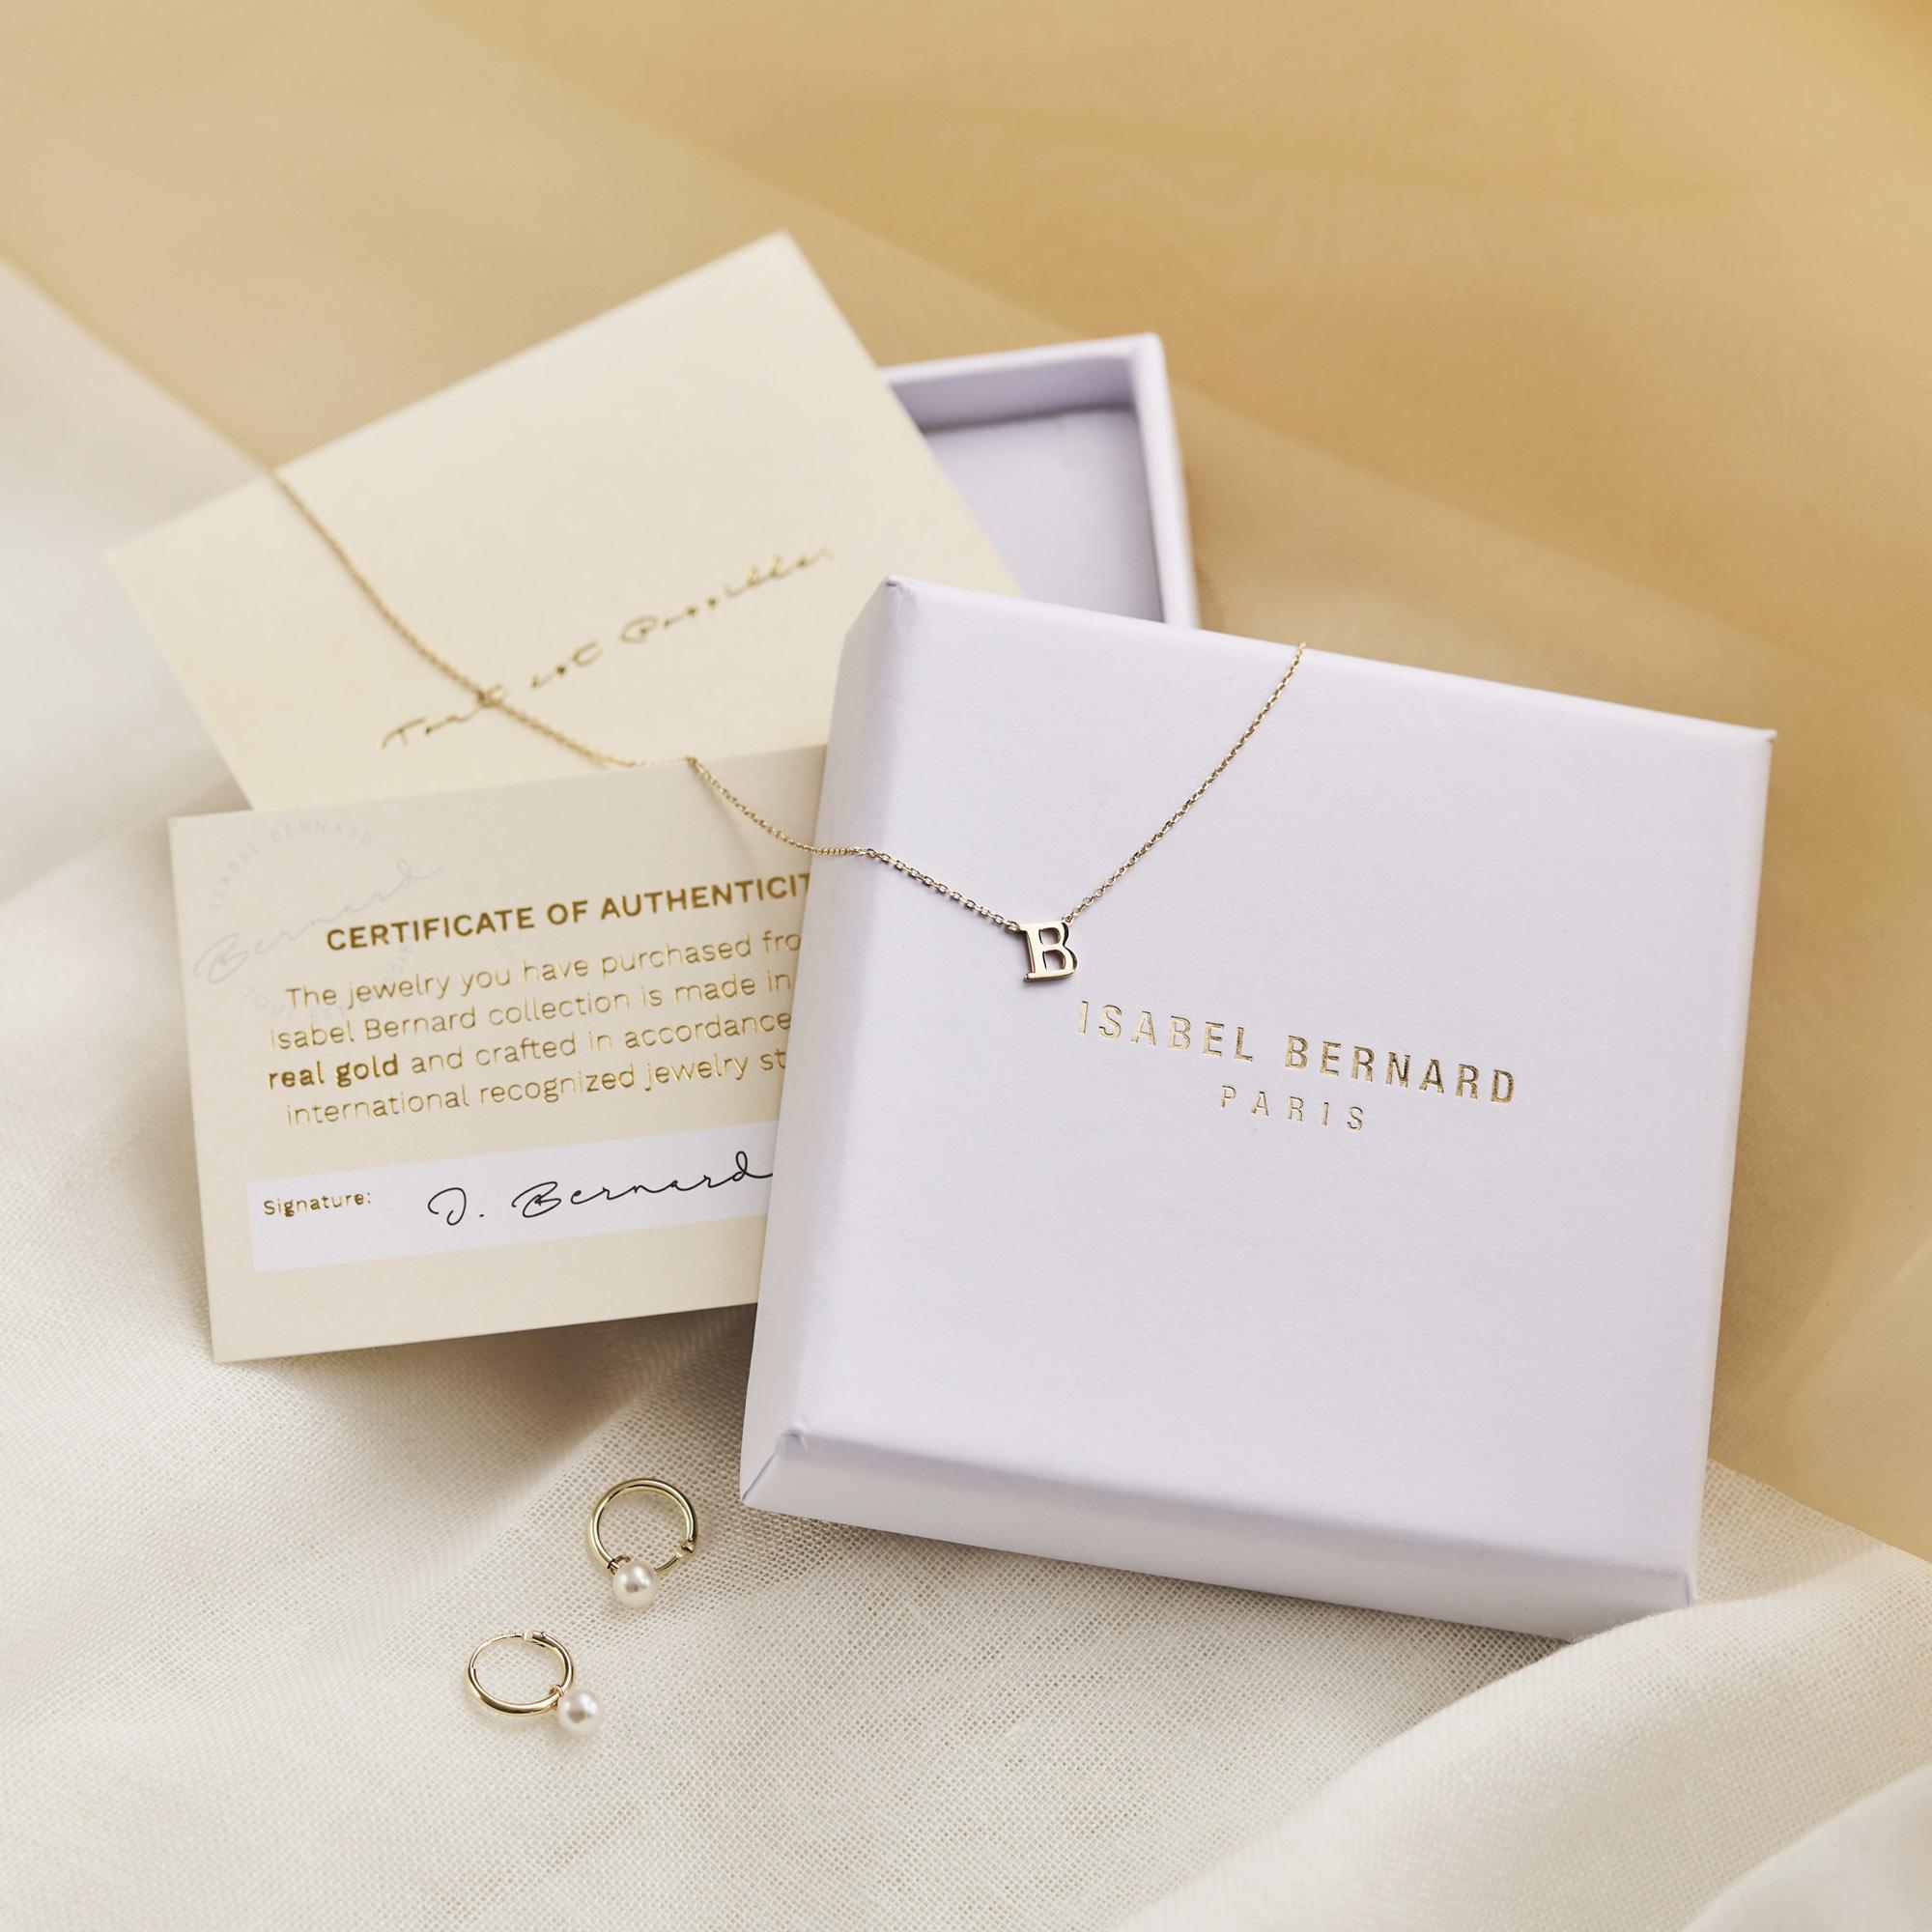 Isabel Bernard La Concorde Énola collier en or rose 14 carats